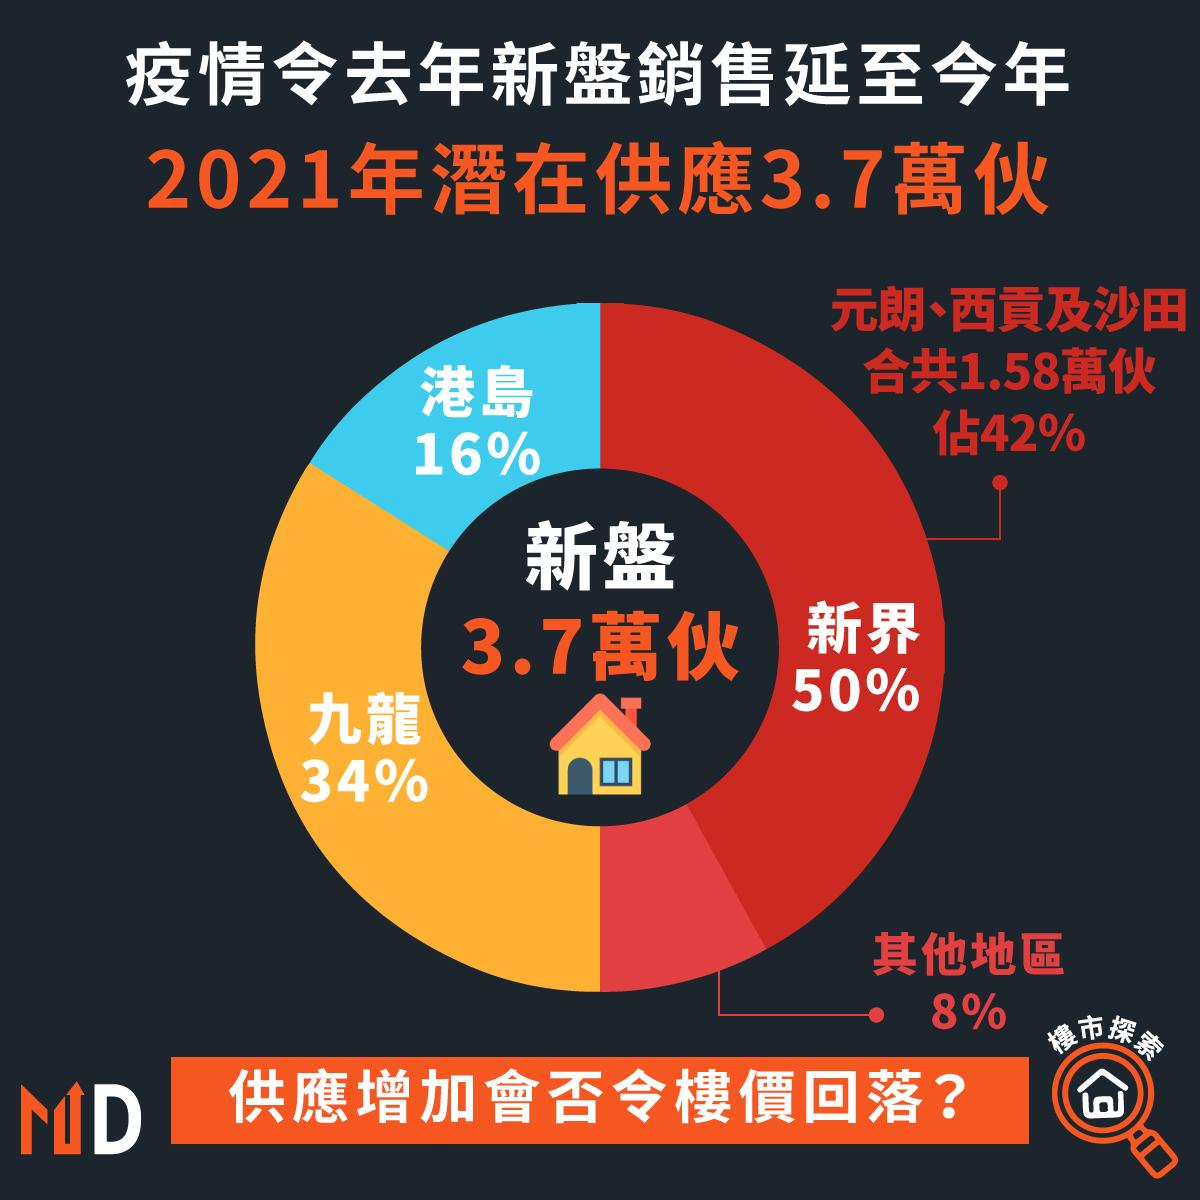 疫情令去年新盤銷售延至今年,2021年潛在供應3.7萬伙